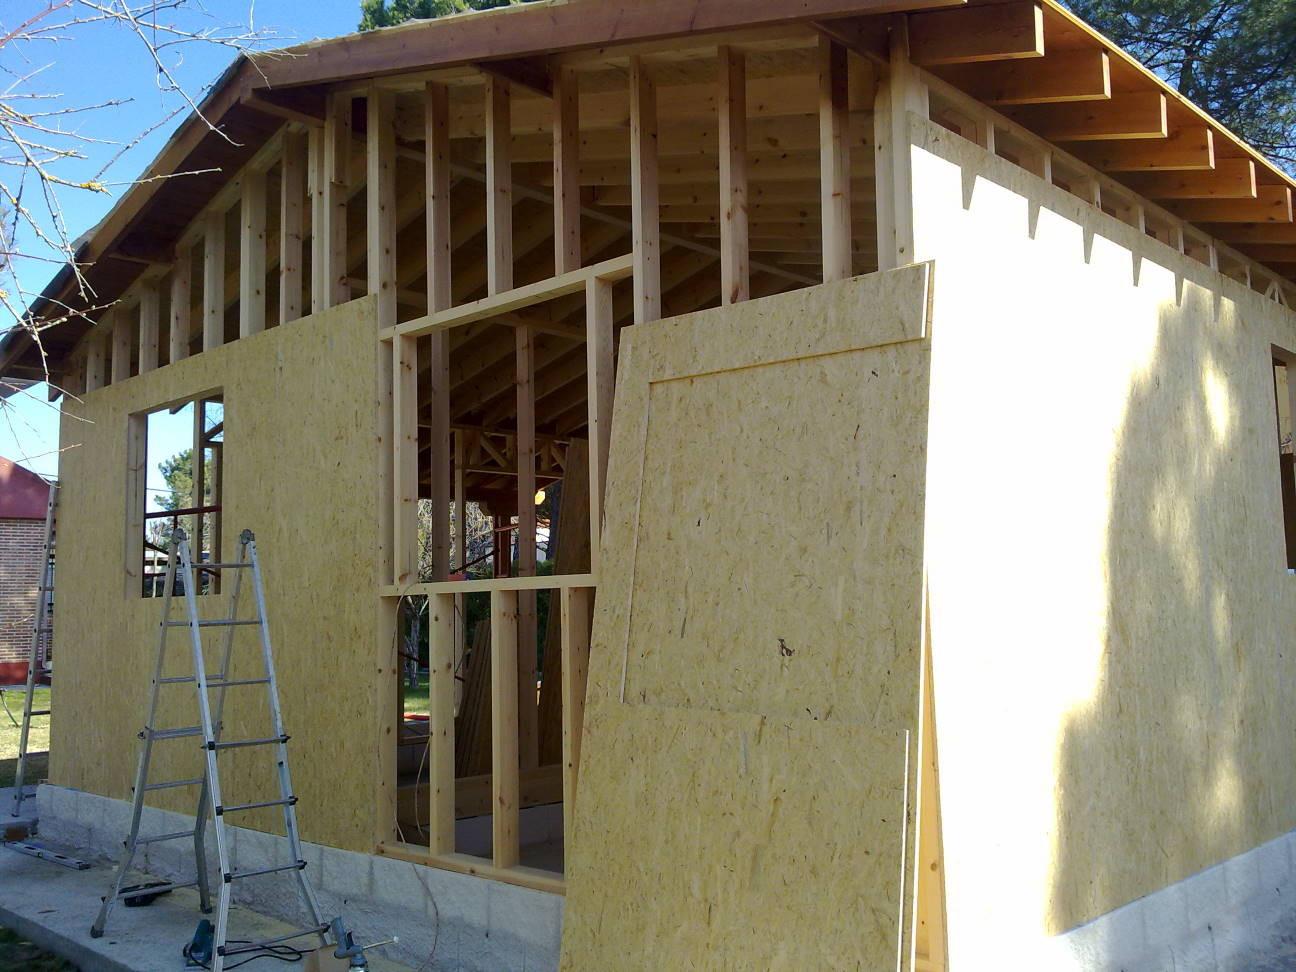 Servicios - Casa materiales de construccion ...